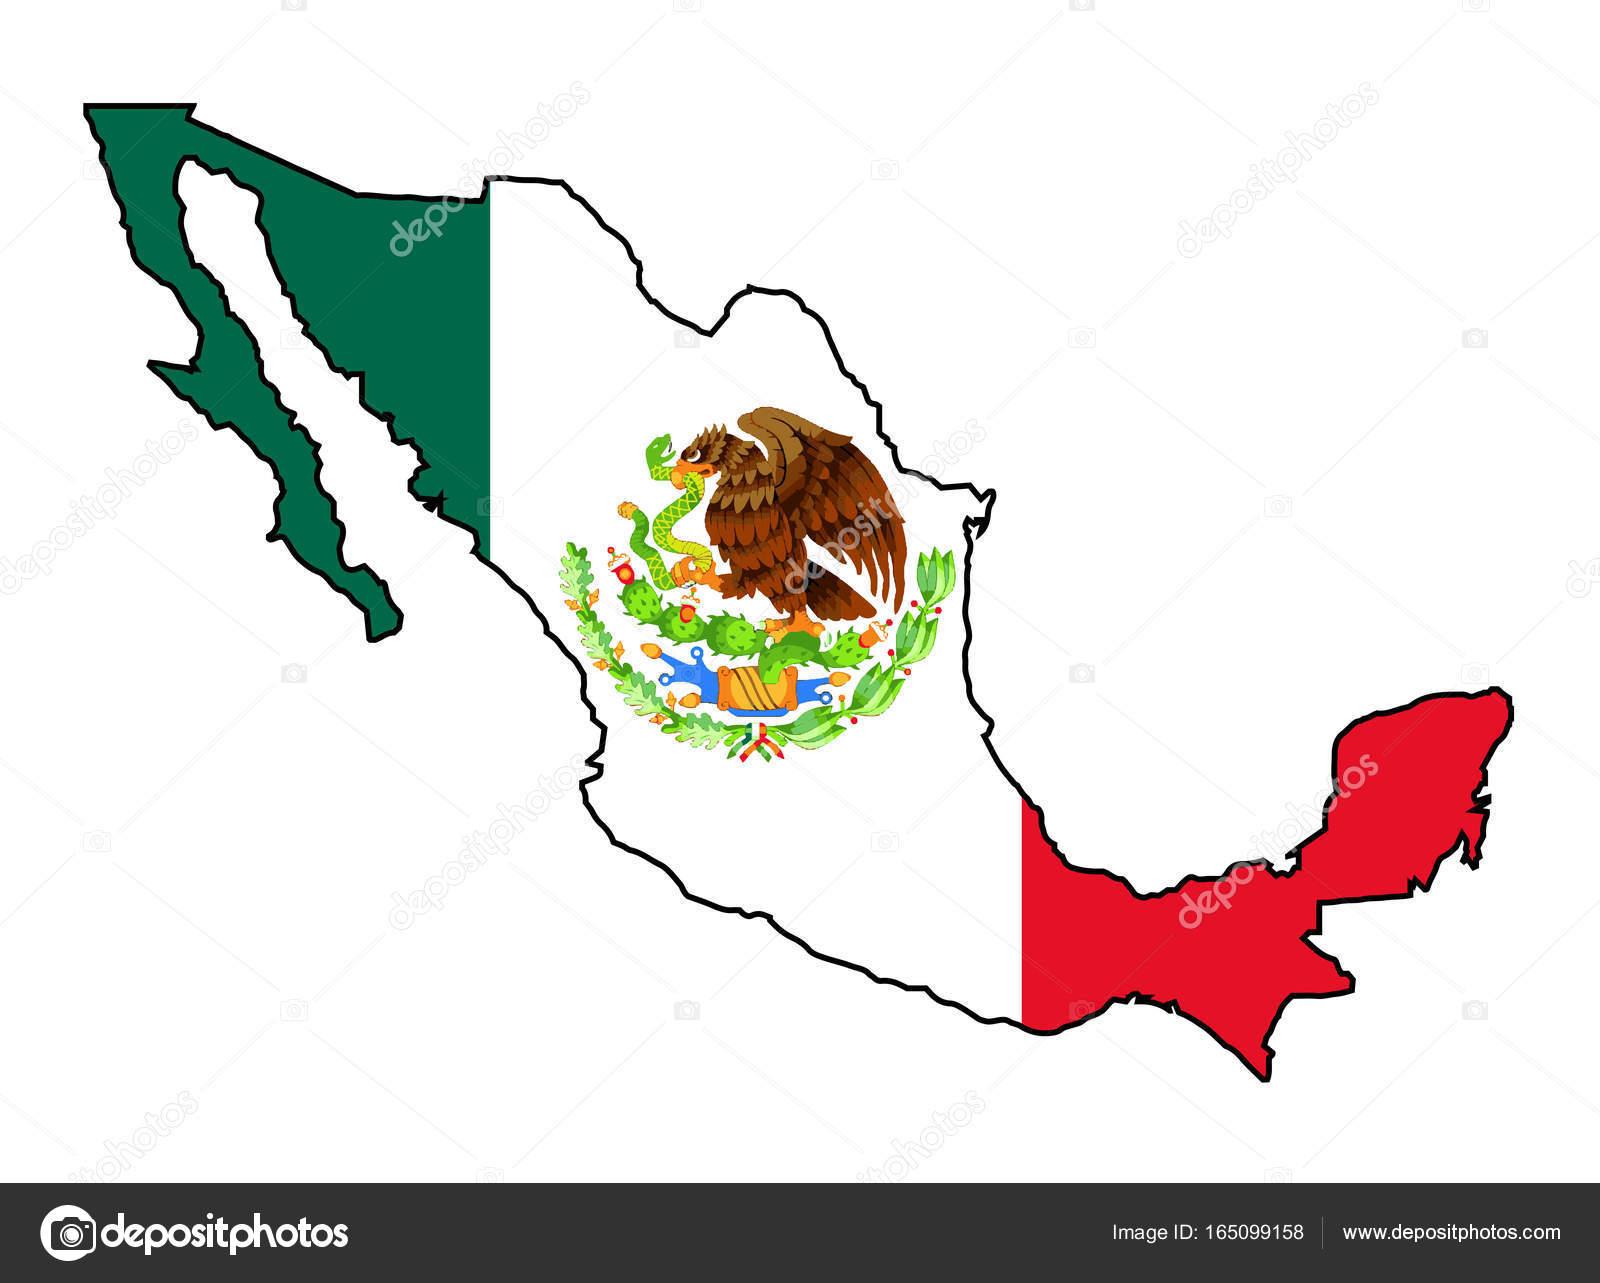 Mexiko Karte Umriss.Mexiko Karte Umriss Und Flagge Stockvektor C Bigalbaloo